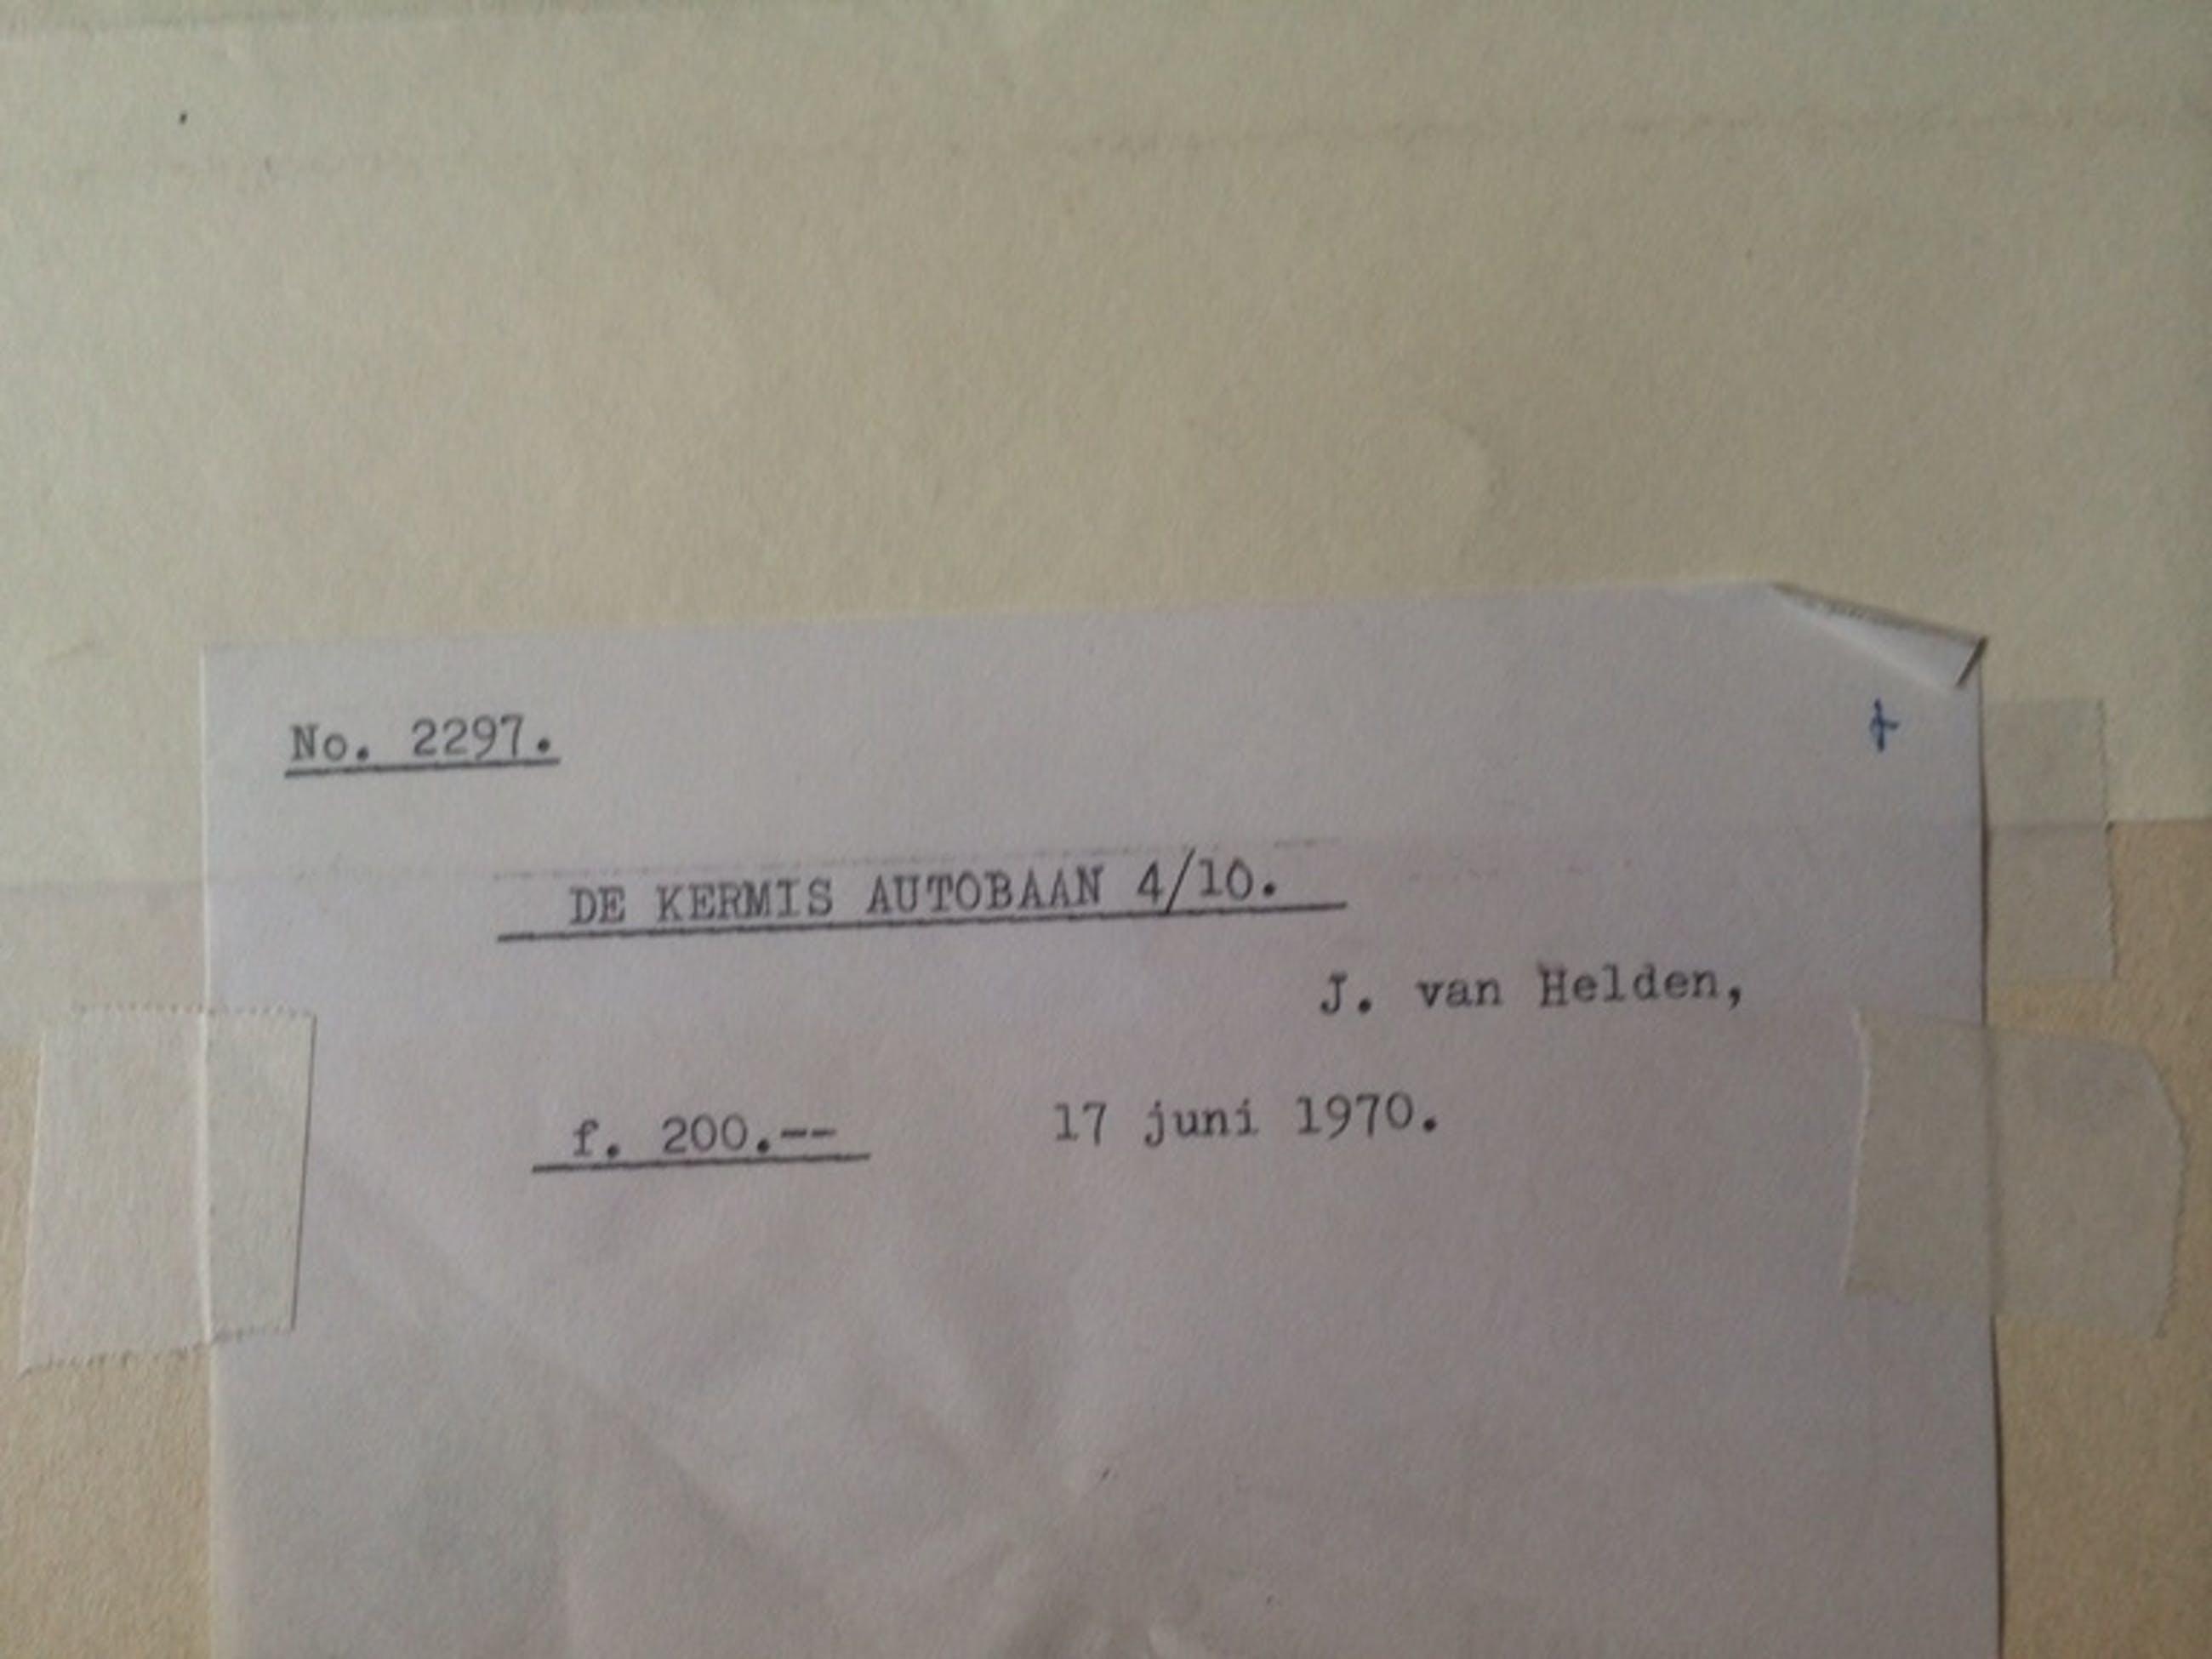 De Kermis Autobaan 4:10, 17-juni 1970 kopen? Bied vanaf 50!